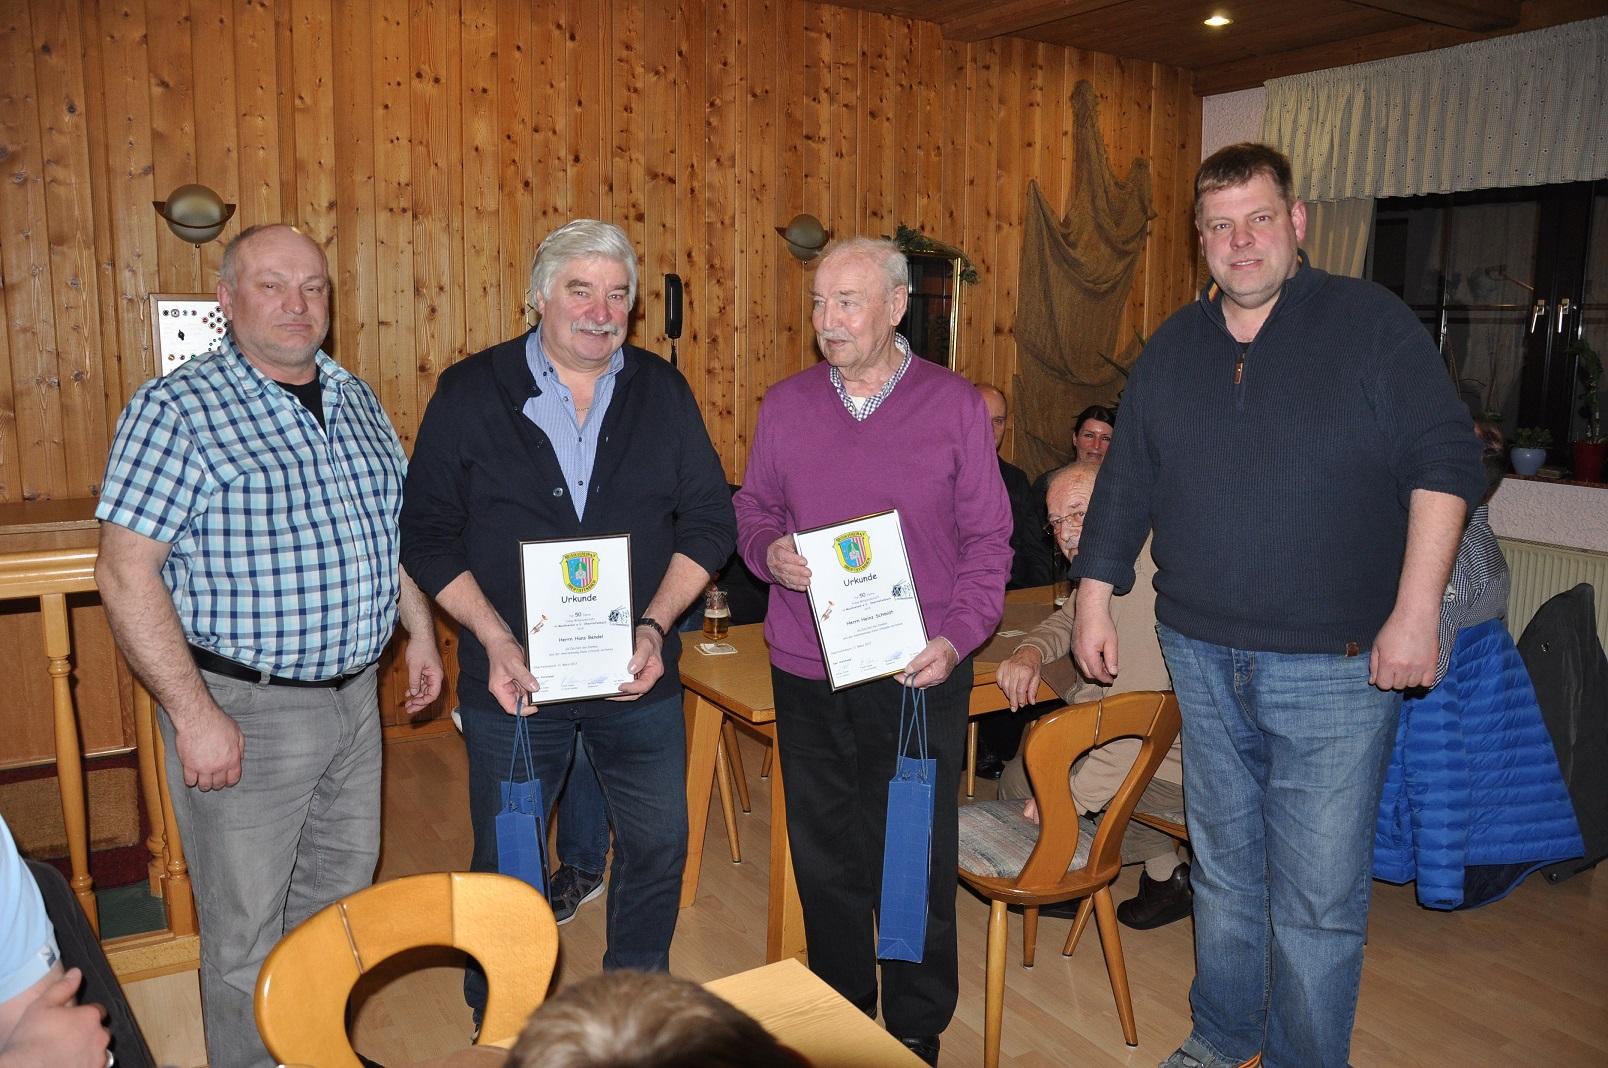 Generalversammlung Musikverein Obertiefenbach Ehrungen